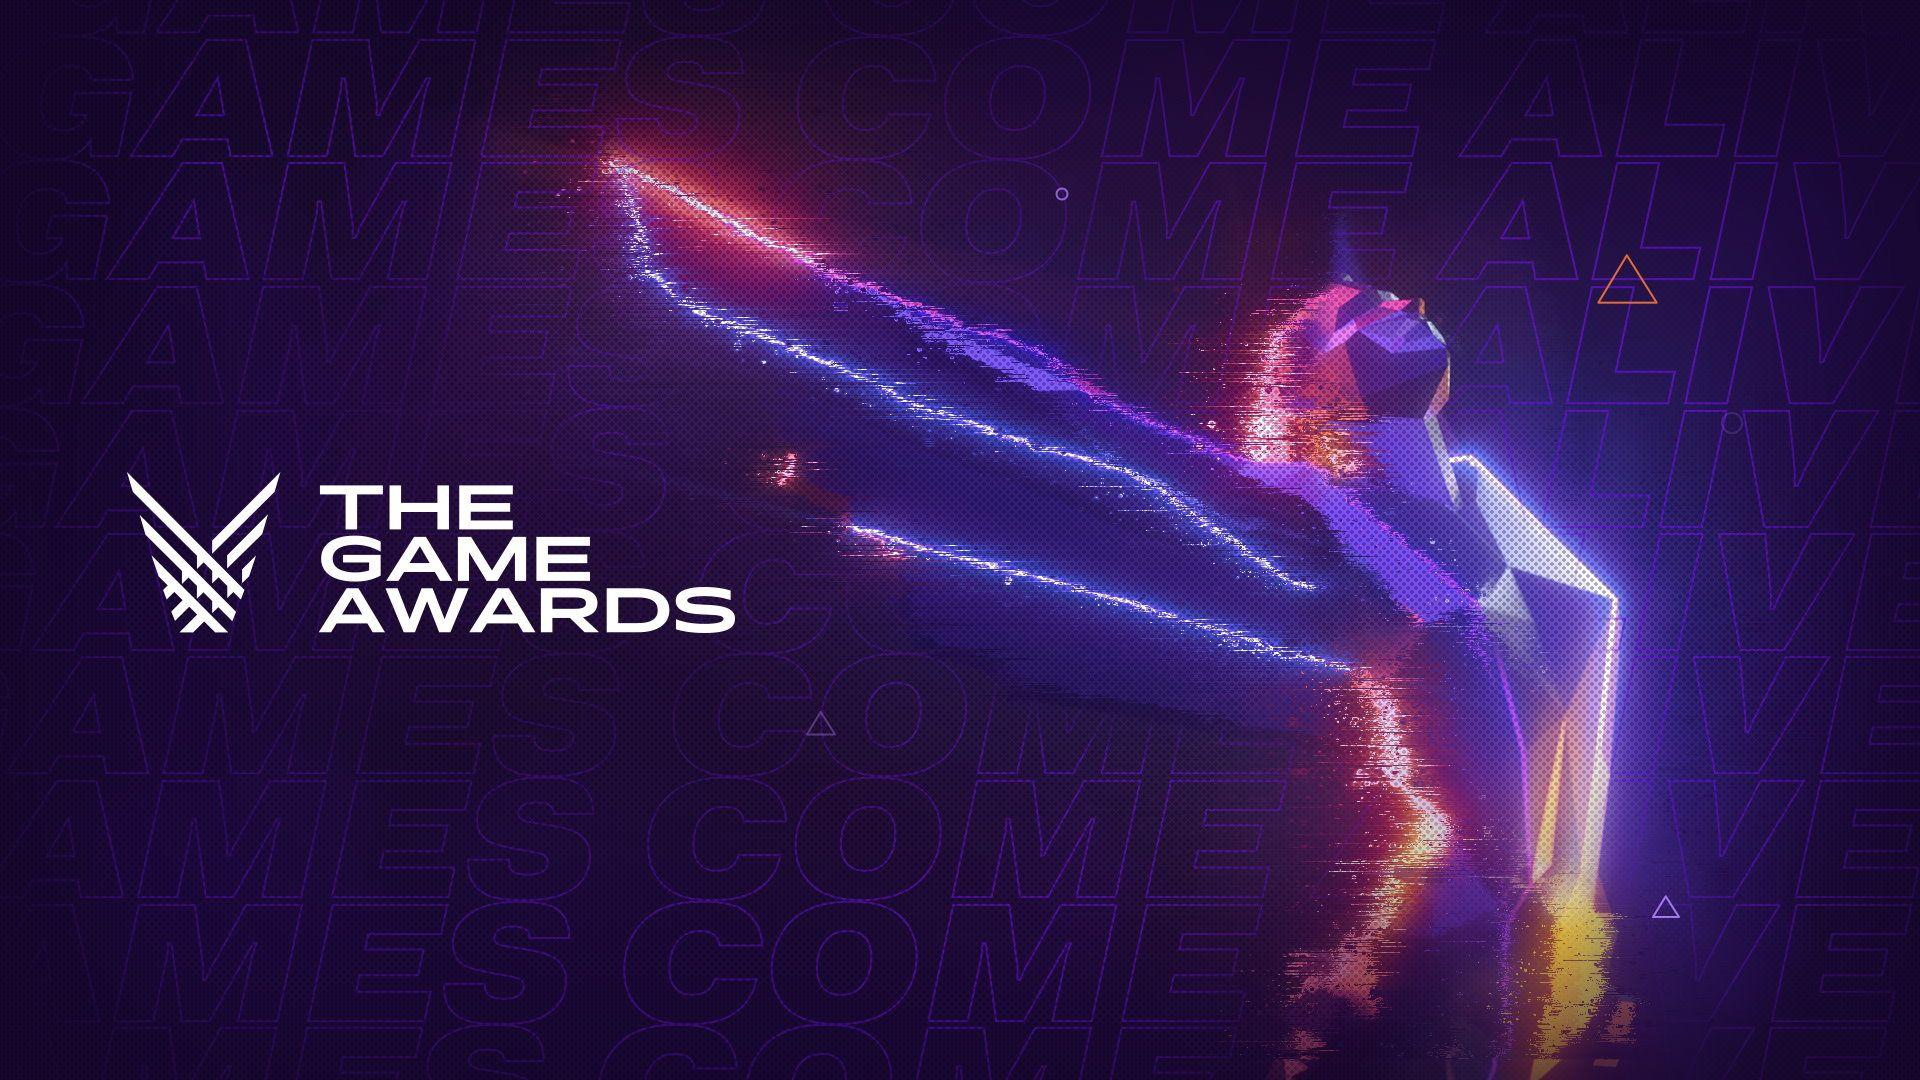 3 gry z Apple Arcade nominowane w The Game Awards 2019